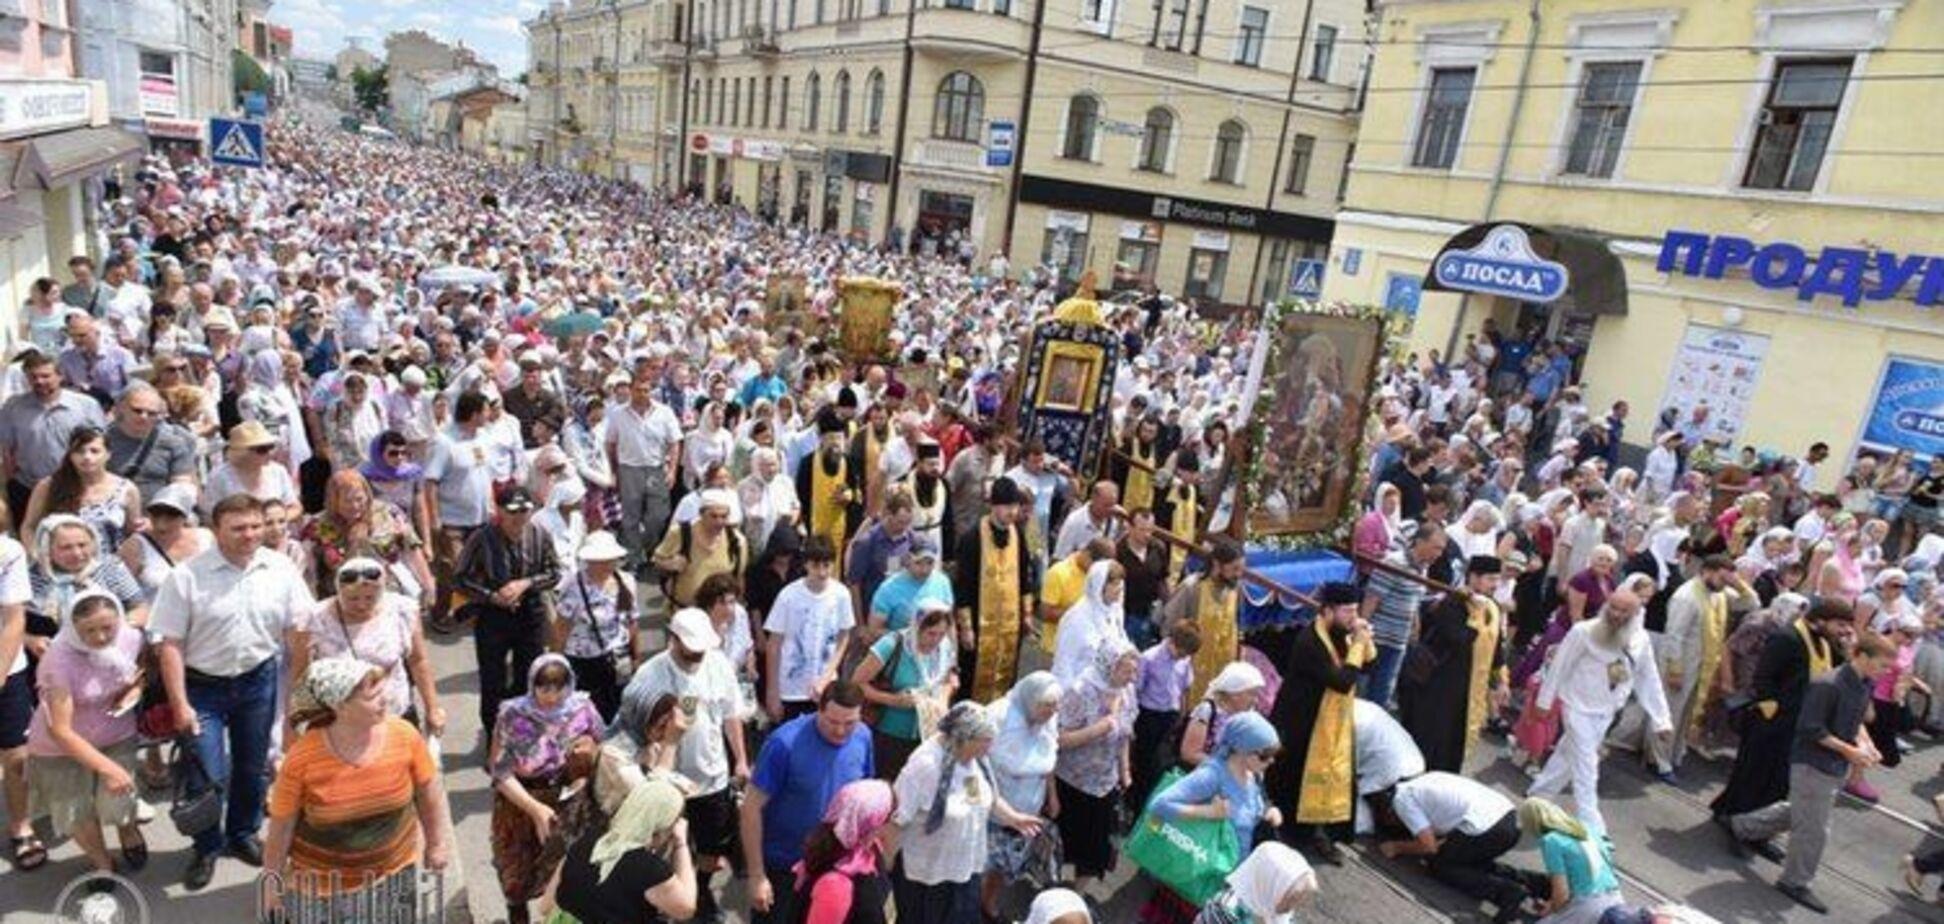 Хресна хода: УПЦ МП везе до Києва 'делегацію' з 'ДНР'